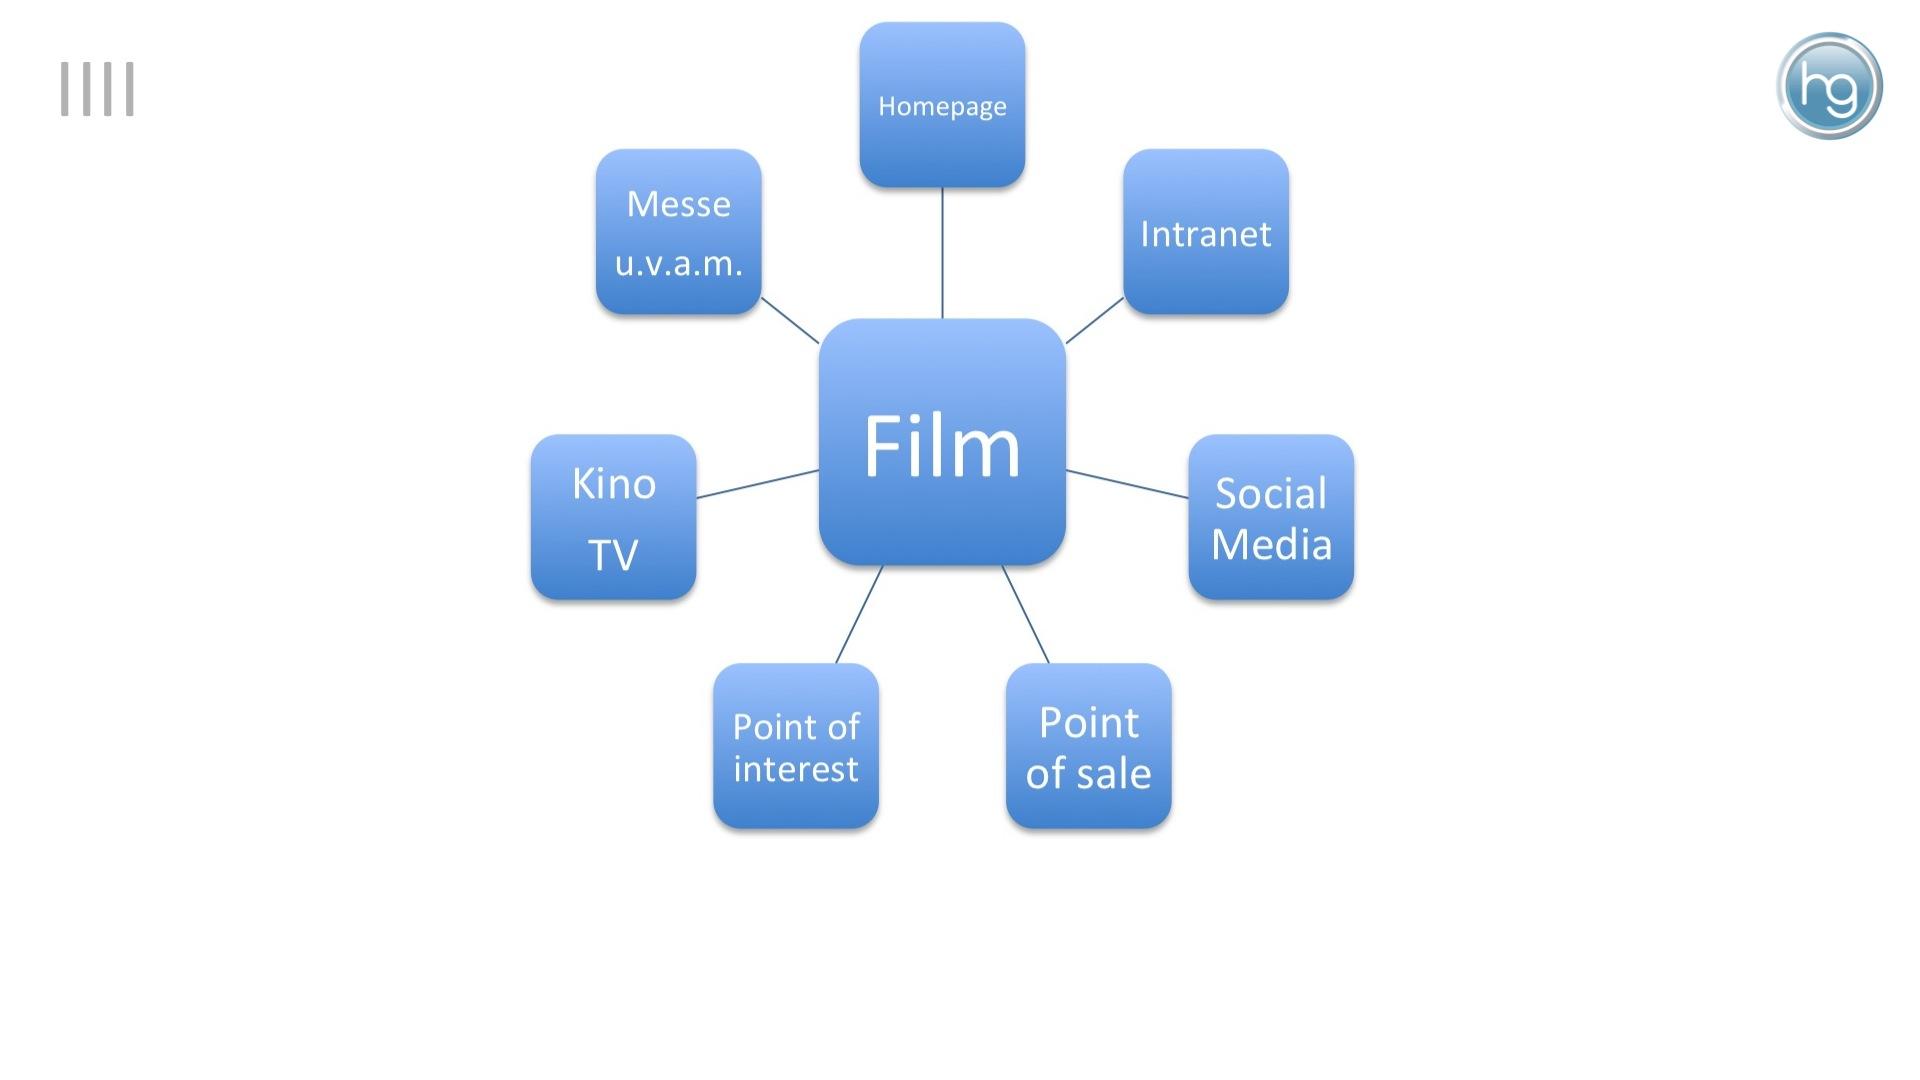 Für die Verbreitung von Filmen stehen zahlreiche Möglichkeiten zur Verfügung. Viele davon sogar kostenlos. Oft steht die Befüllung bestimmter Kanäle im Vordergrund (anstatt der konsequenten Ausrichtung an den Kommunikationszielen).